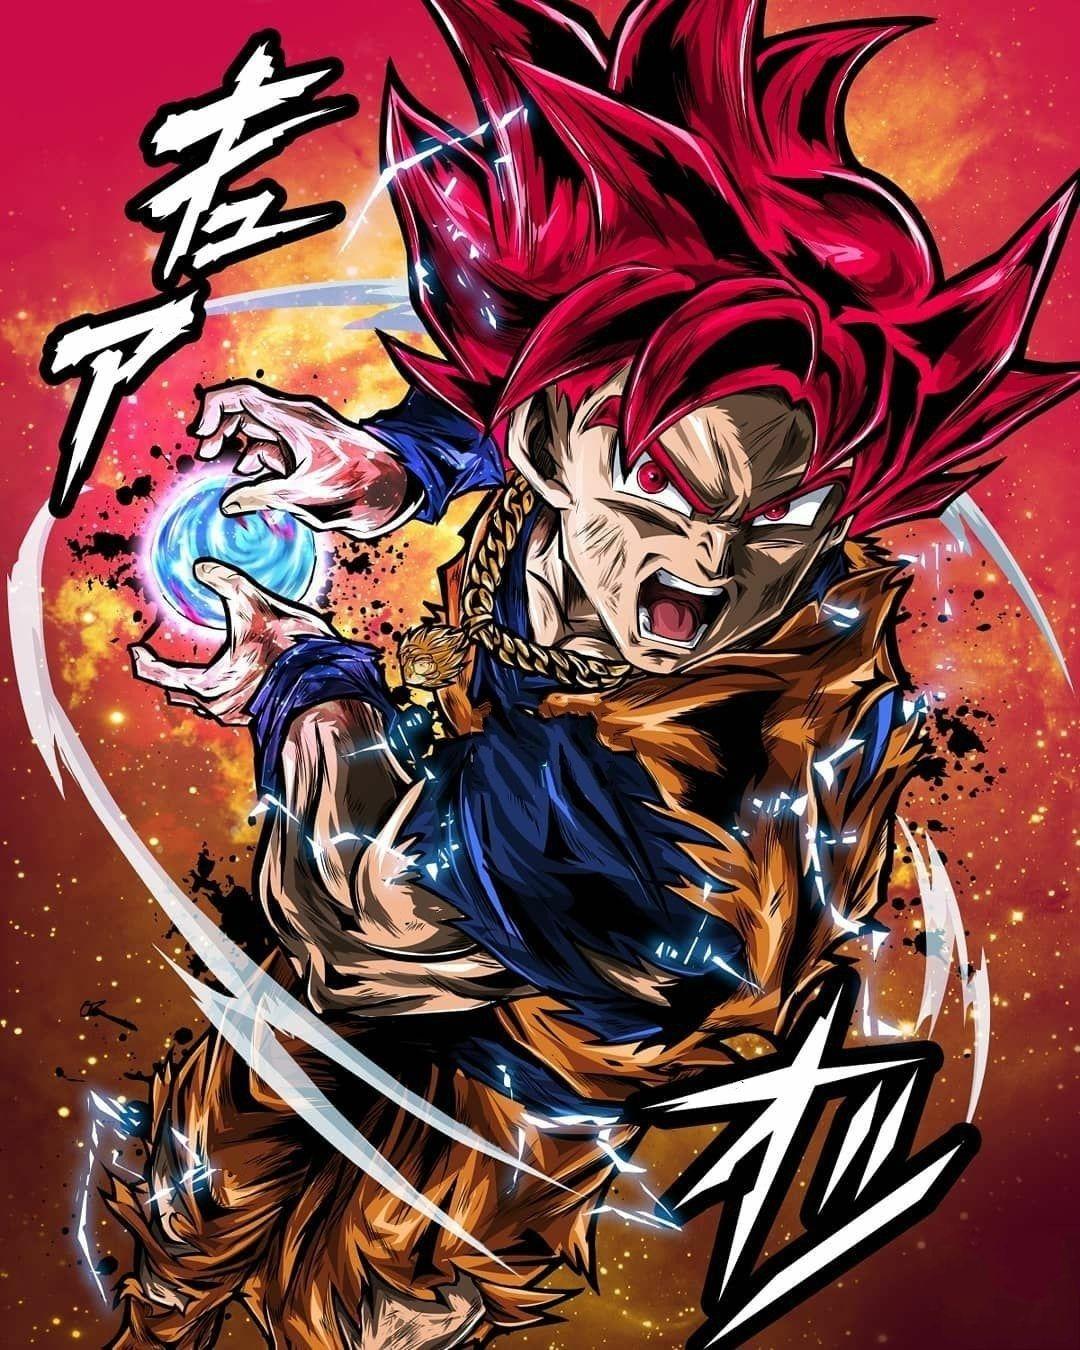 Ssg Red Goku Dragon Ball Super Artwork Anime Dragon Ball Super Dragon Ball Goku Dragon ball super wallpaper iphone xr